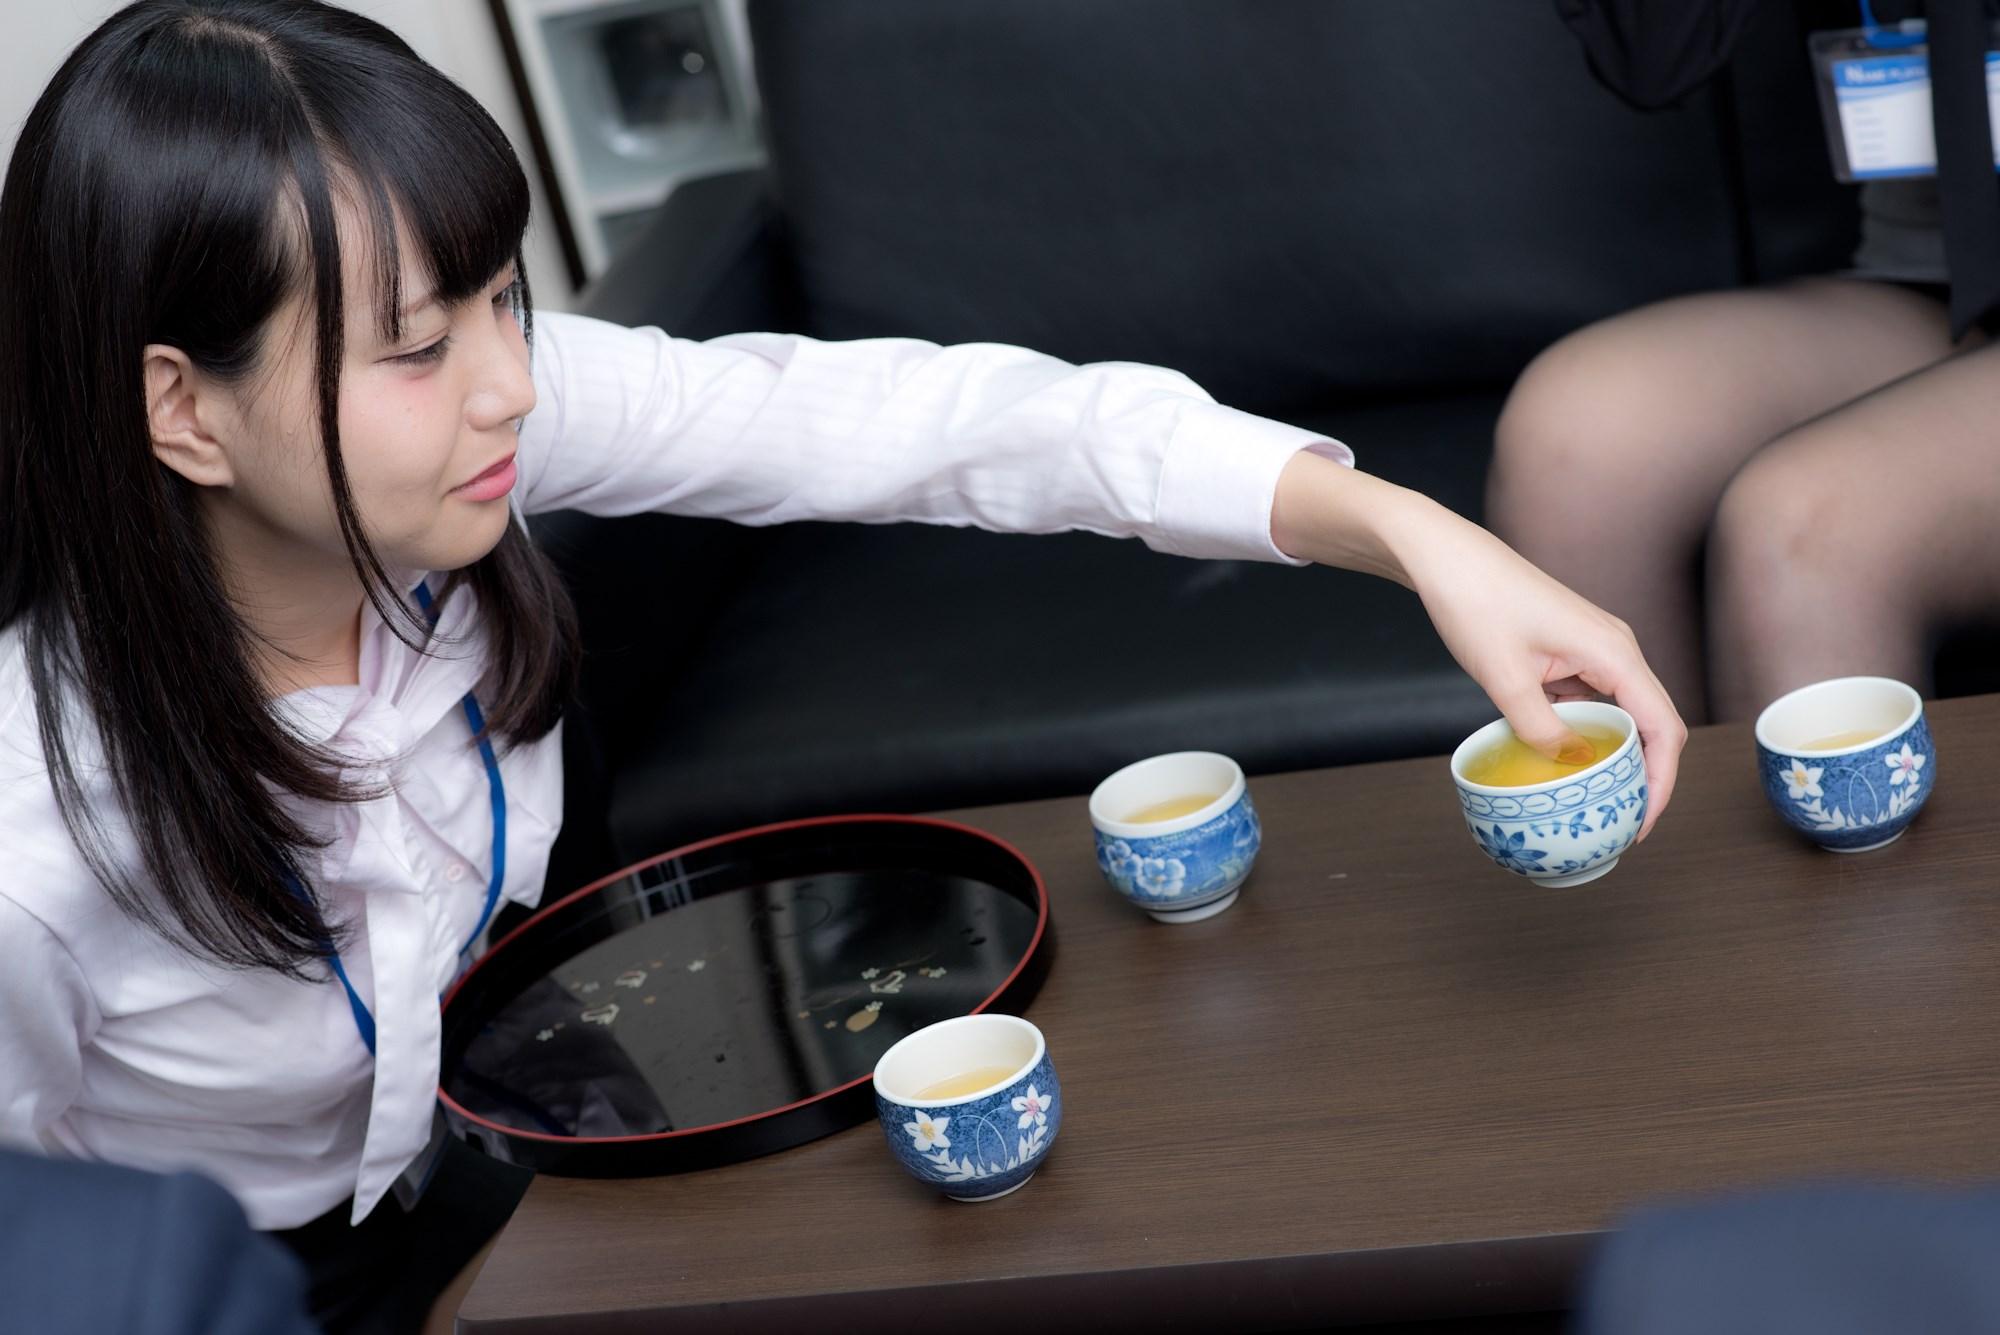 【兔玩映画】办公室的爱 兔玩映画 第73张